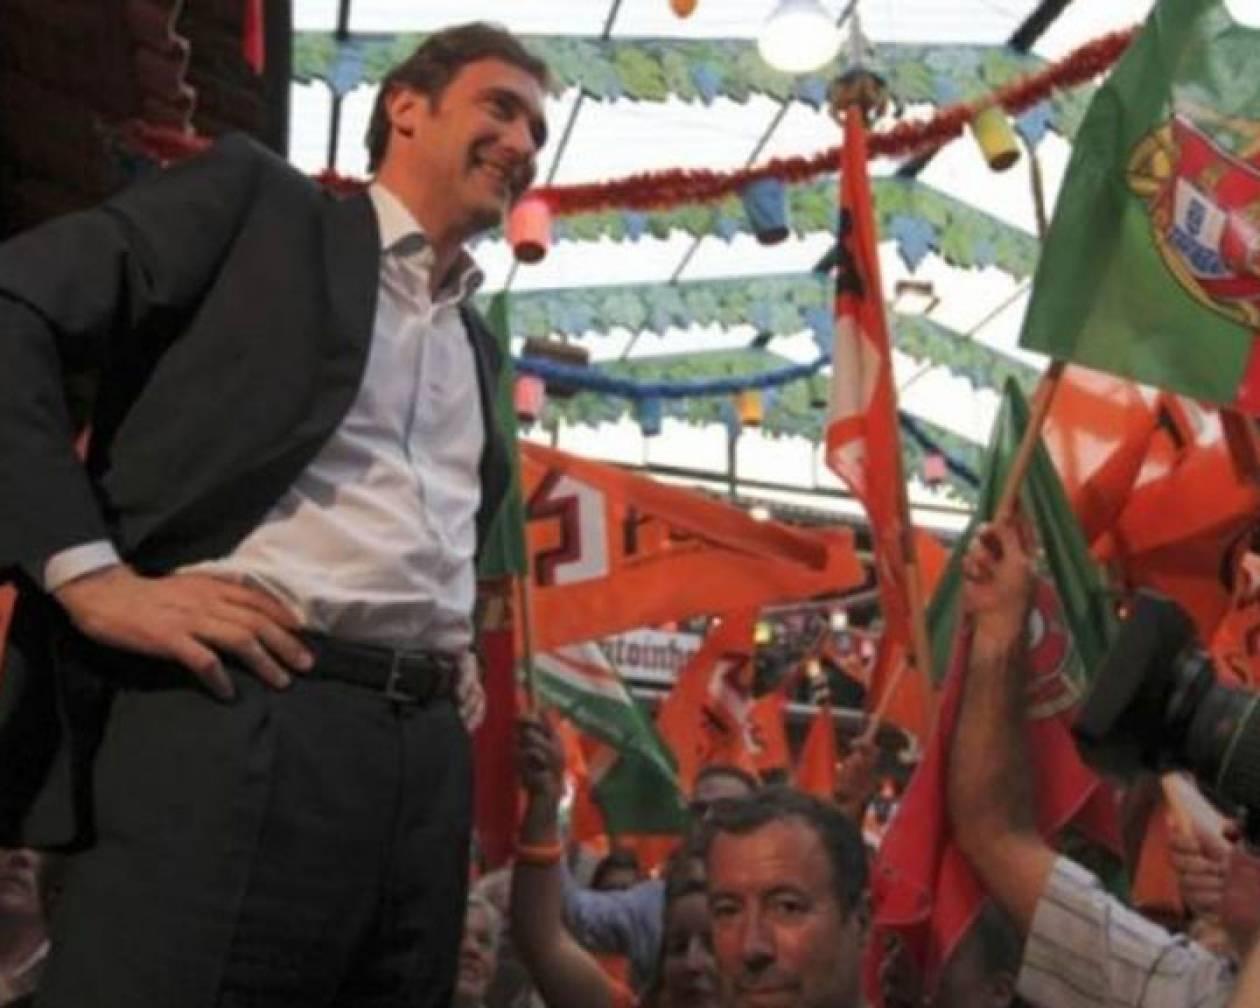 Πορτογαλικό μοντέλο για την Ελλάδα επιδιώκουν οι Ευρωπαίοι